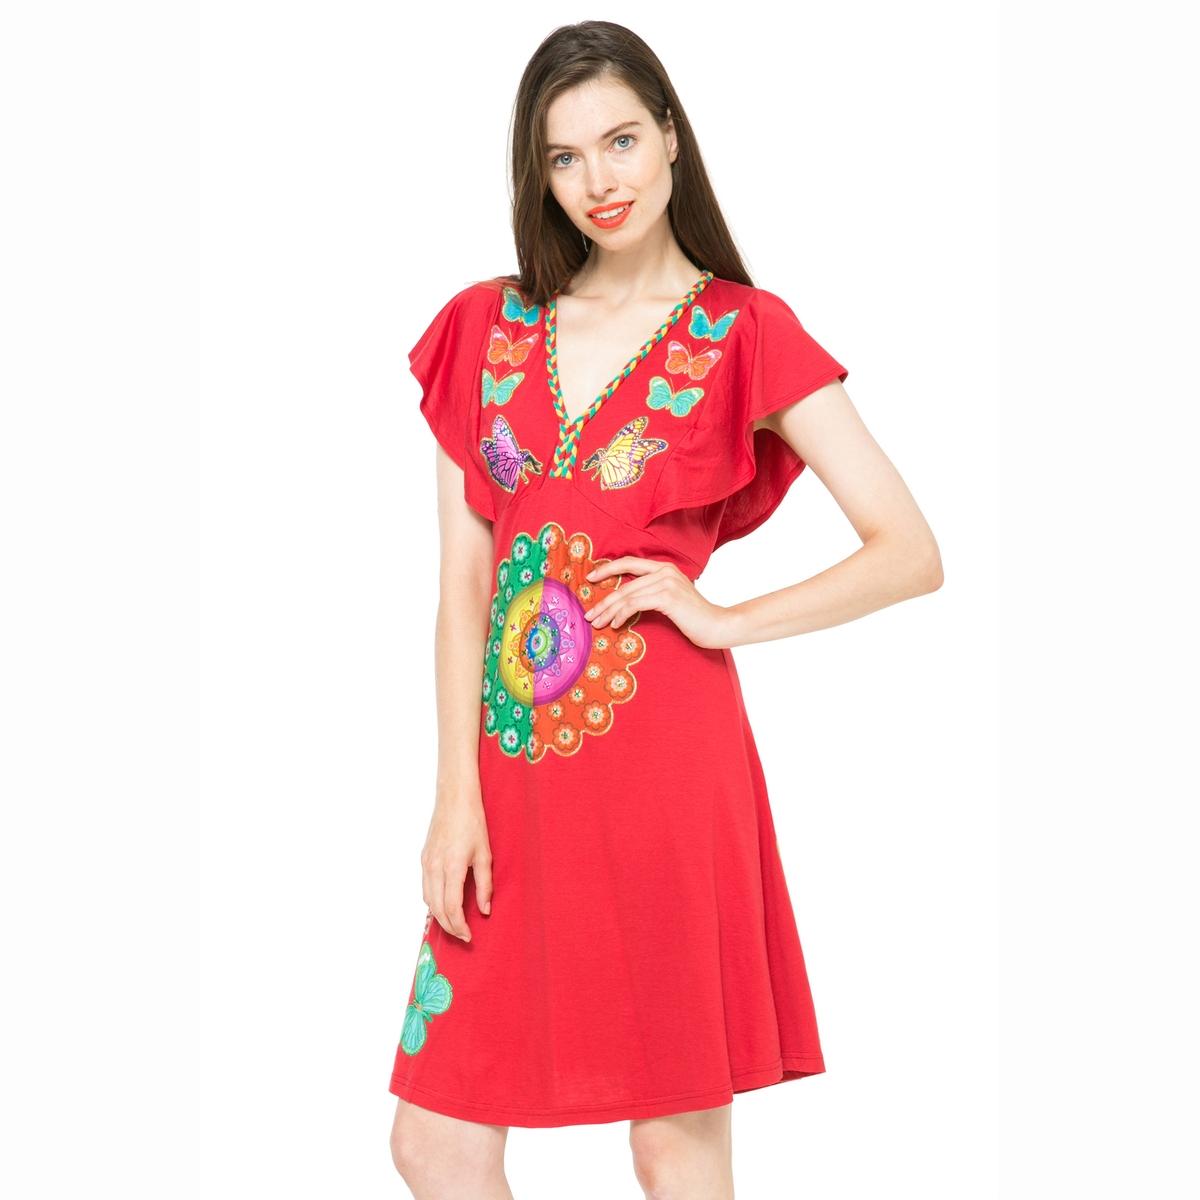 Платье с принтом, рукава с воланами DESIGUAL, Vest CeprianiПлатье Vest Cepriani от DESIGUAL. Длина до колена .  V-образный вырез. Графический рисунок и принт бабочки . Состав и детали :Материал : 55% хлопка, 45% вискозыМарка : DESIGUALУходМашинная стирка при 30°C<br><br>Цвет: красный/ наб. рисунок<br>Размер: XS